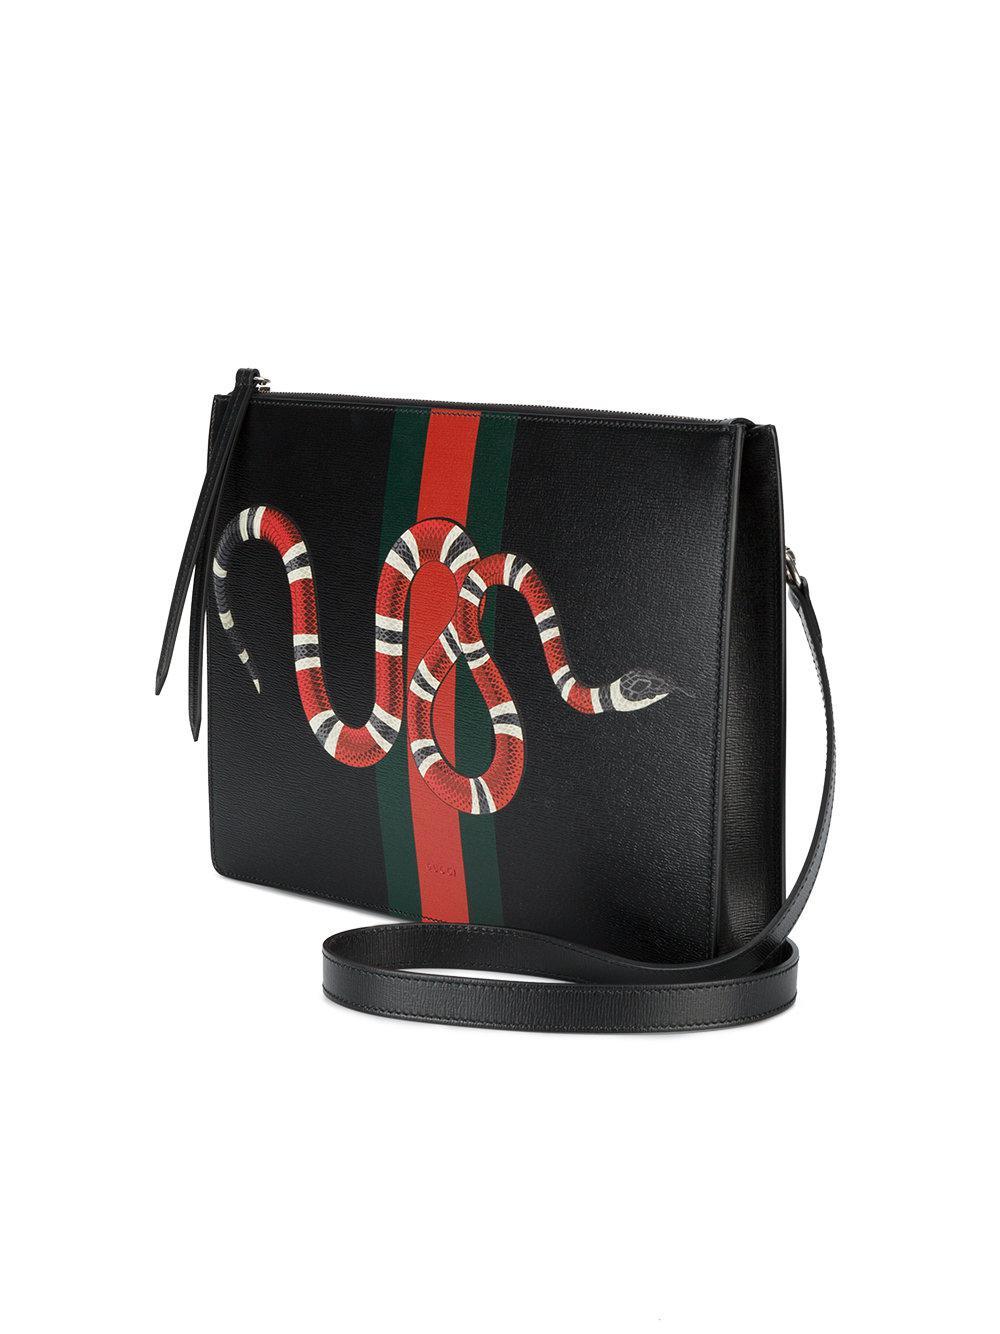 1d867daf0d3452 Gucci Web And Snake Messenger Bag in Black for Men - Lyst